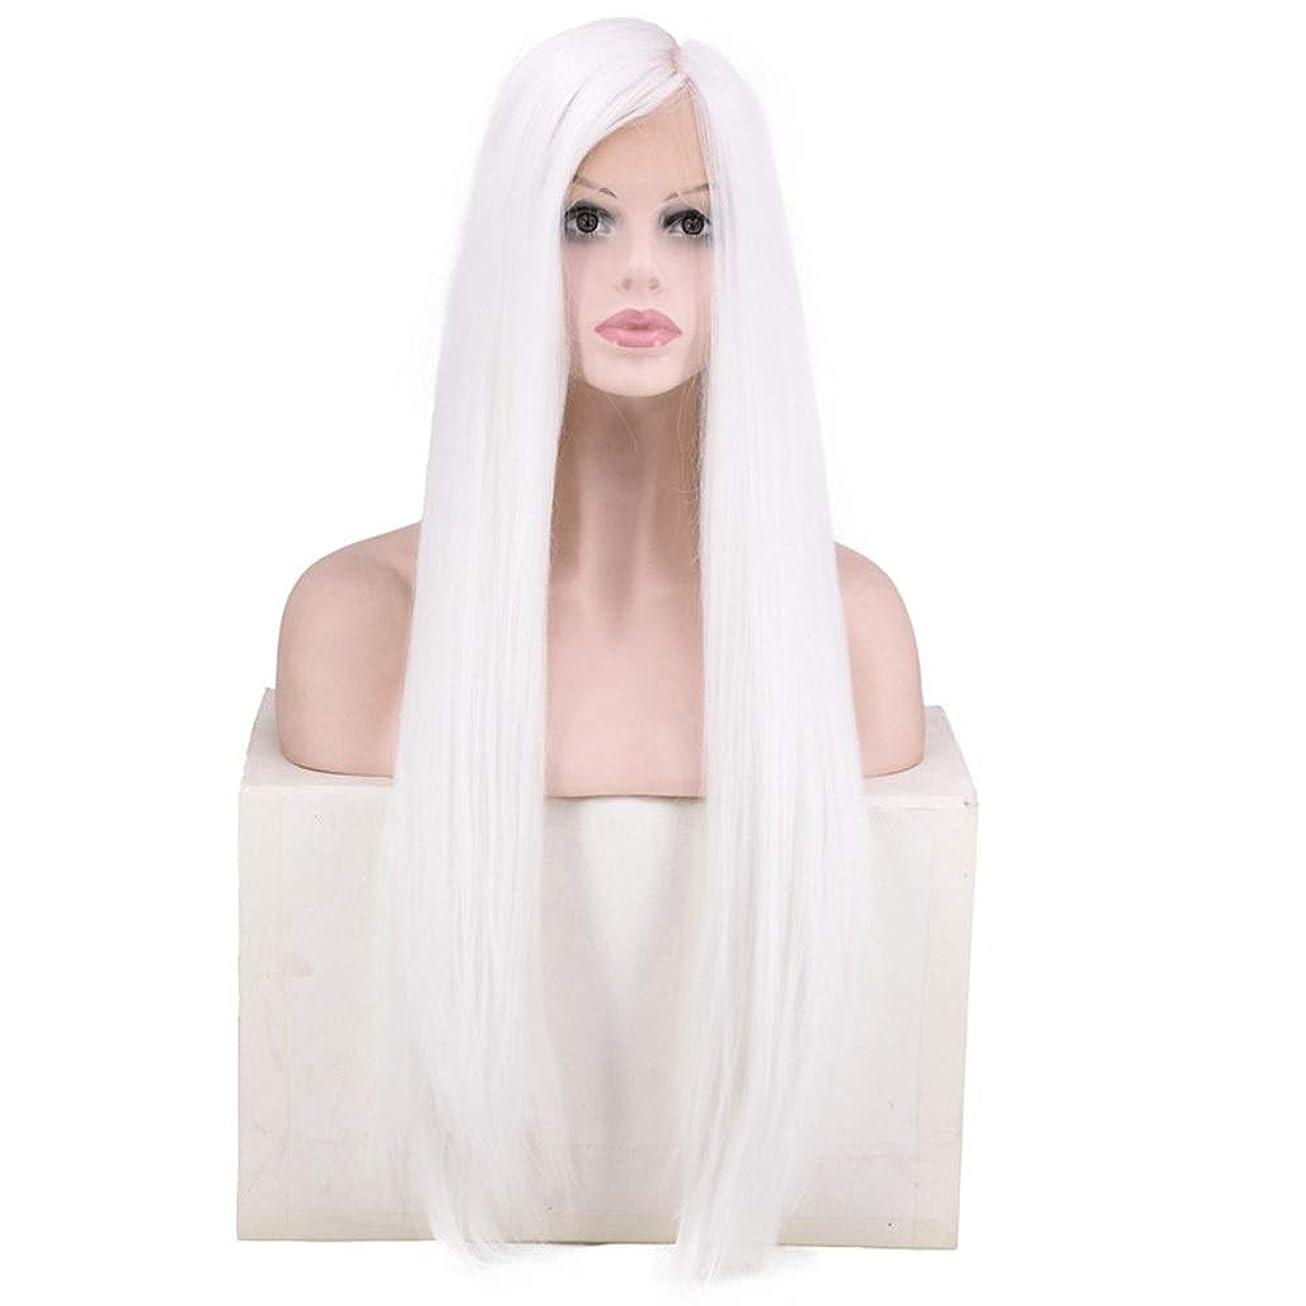 水曜日降雨セクタYrattary 女性のための白の長いストレートヘア手編みのレースのフロントかつらコスプレパーティードレスのための耐熱性繊維レースのかつらロールプレイングかつら (色 : ホワイト)